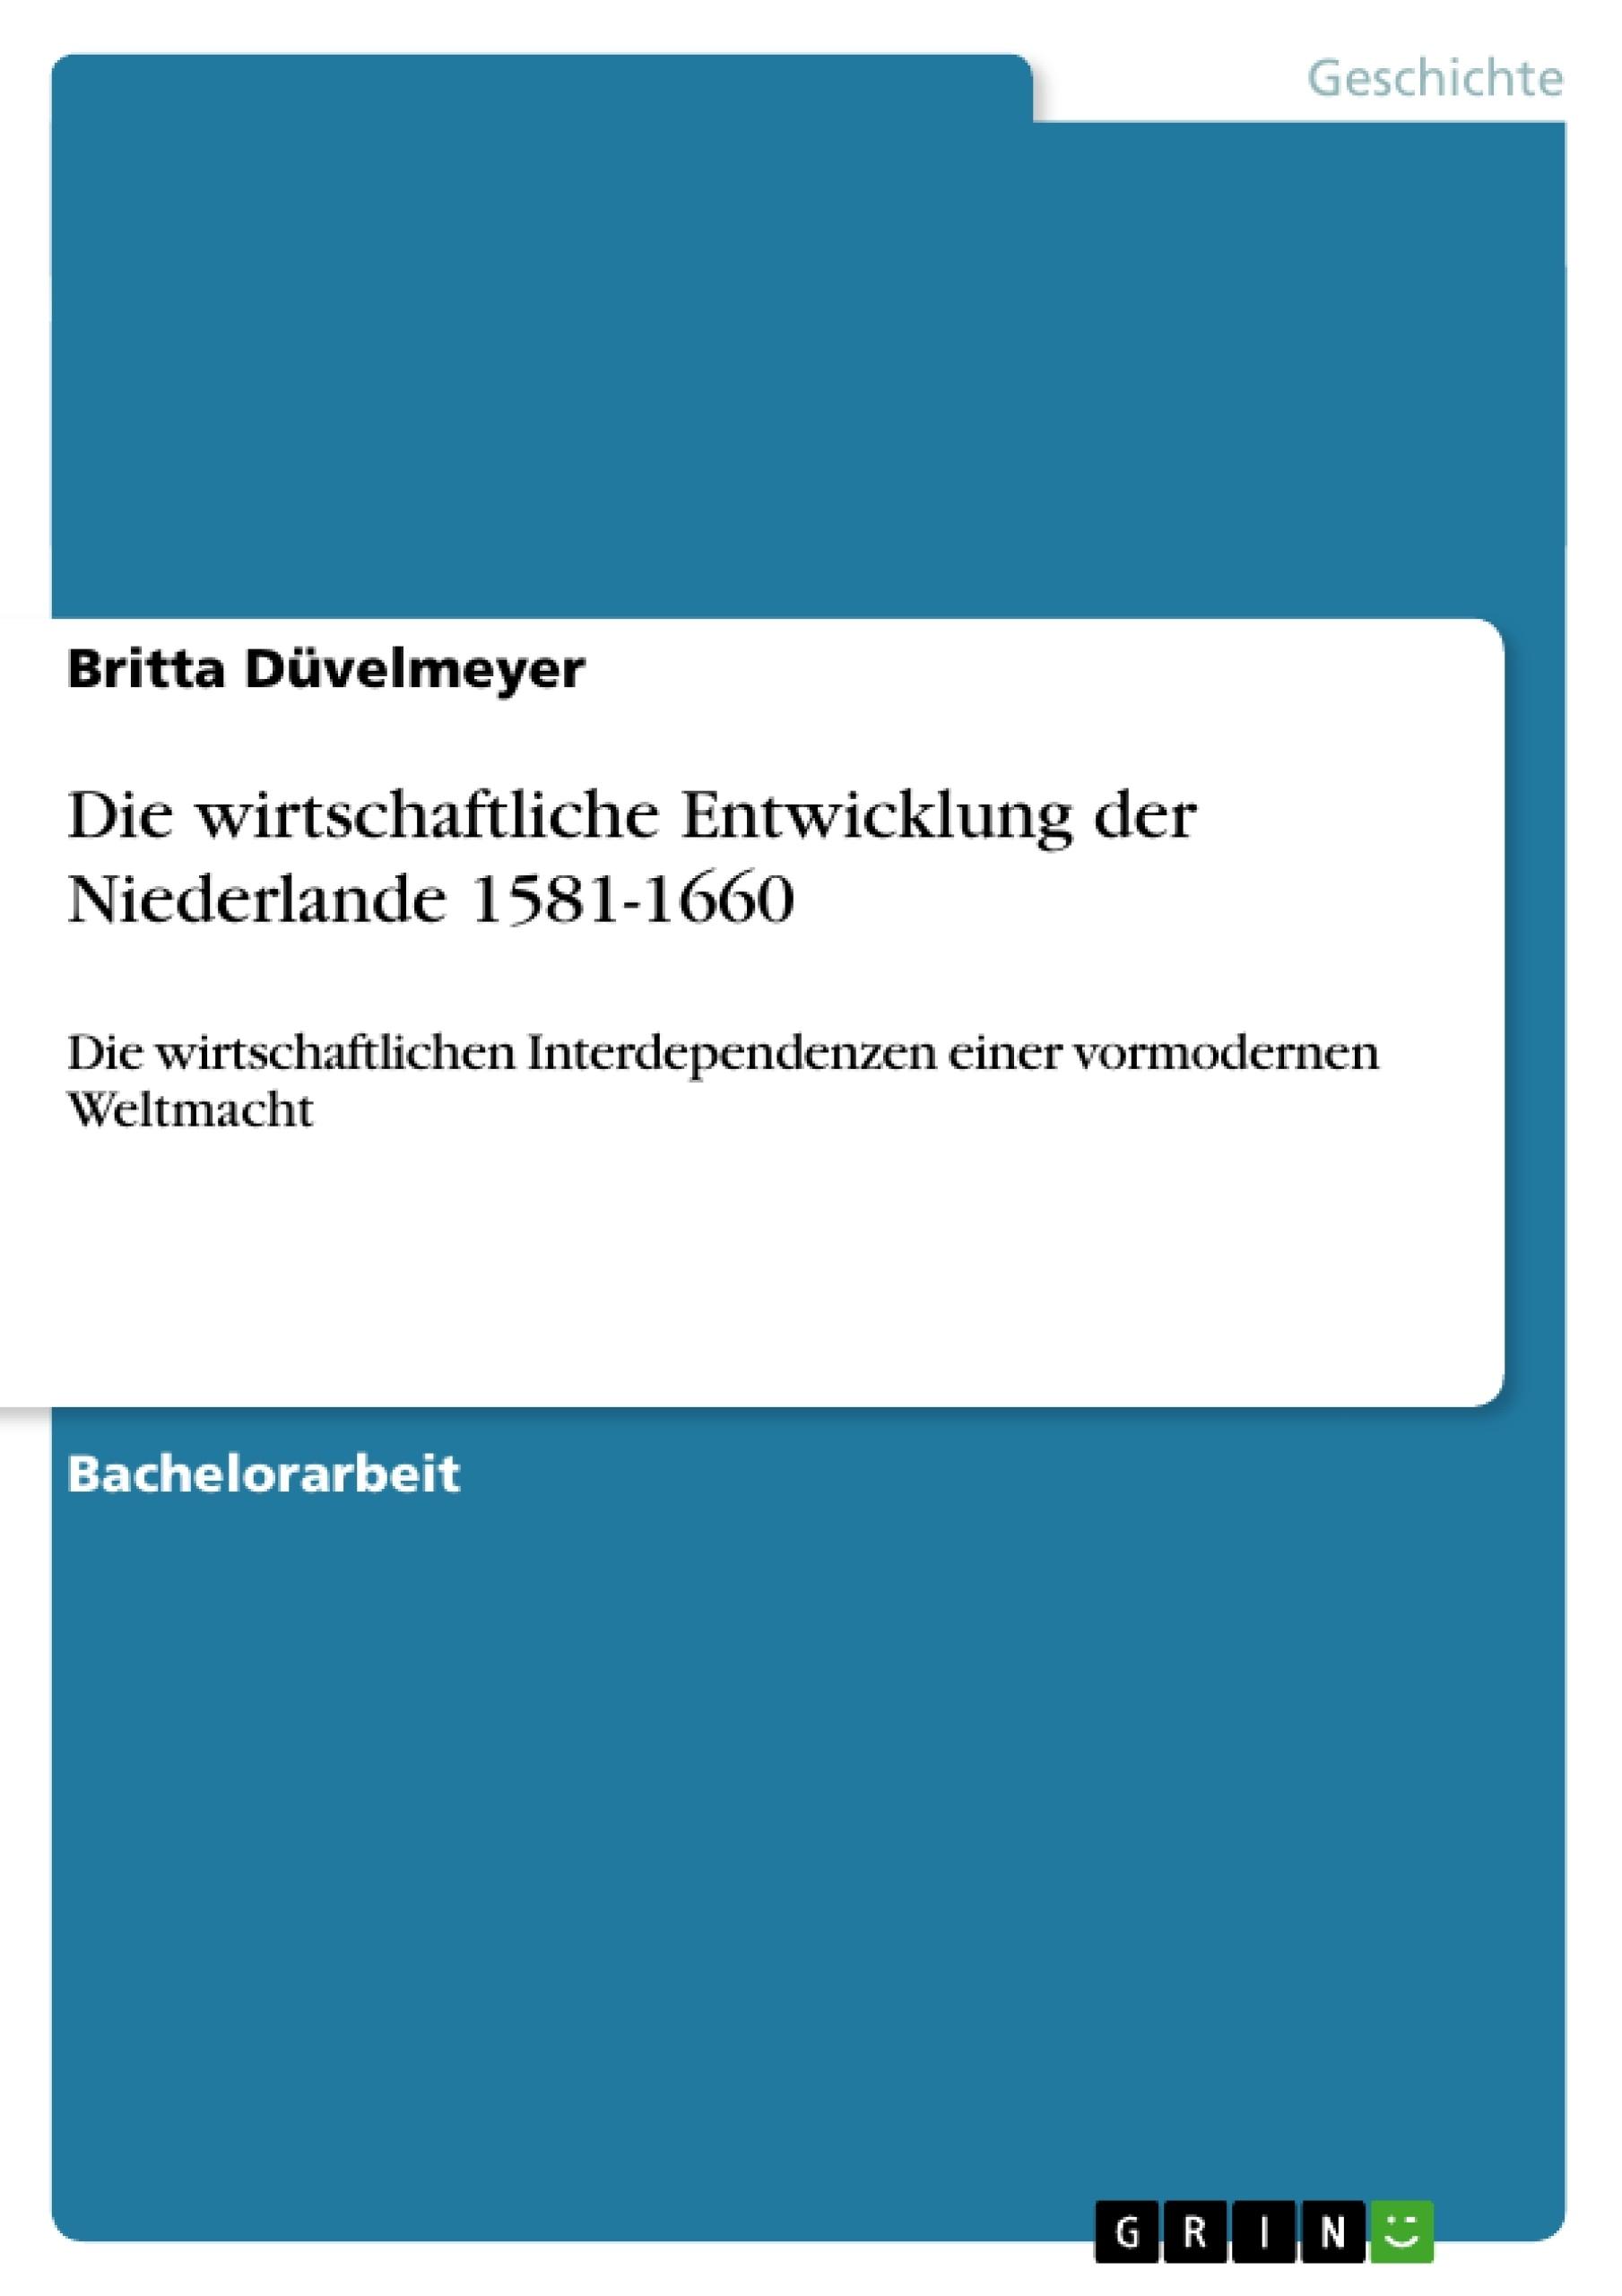 Titel: Die wirtschaftliche Entwicklung der Niederlande 1581-1660